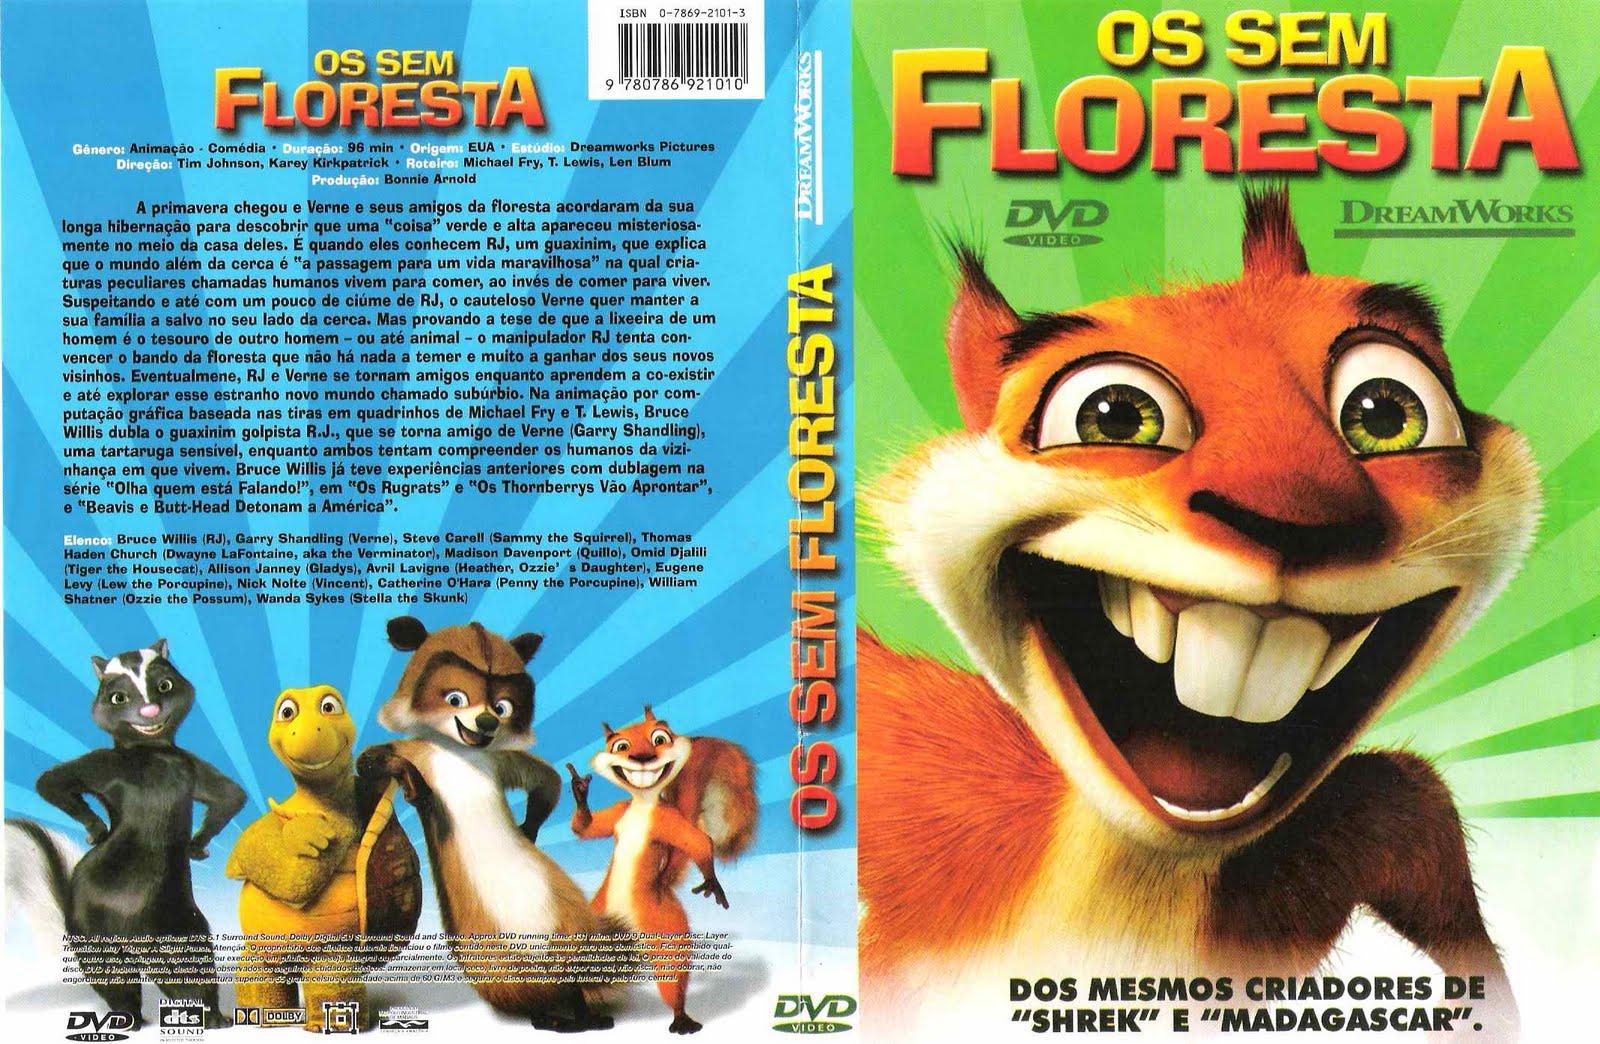 de DVD Grátis - Capas de Filmes em DVD,Labels,Cds,Jogos e Shows